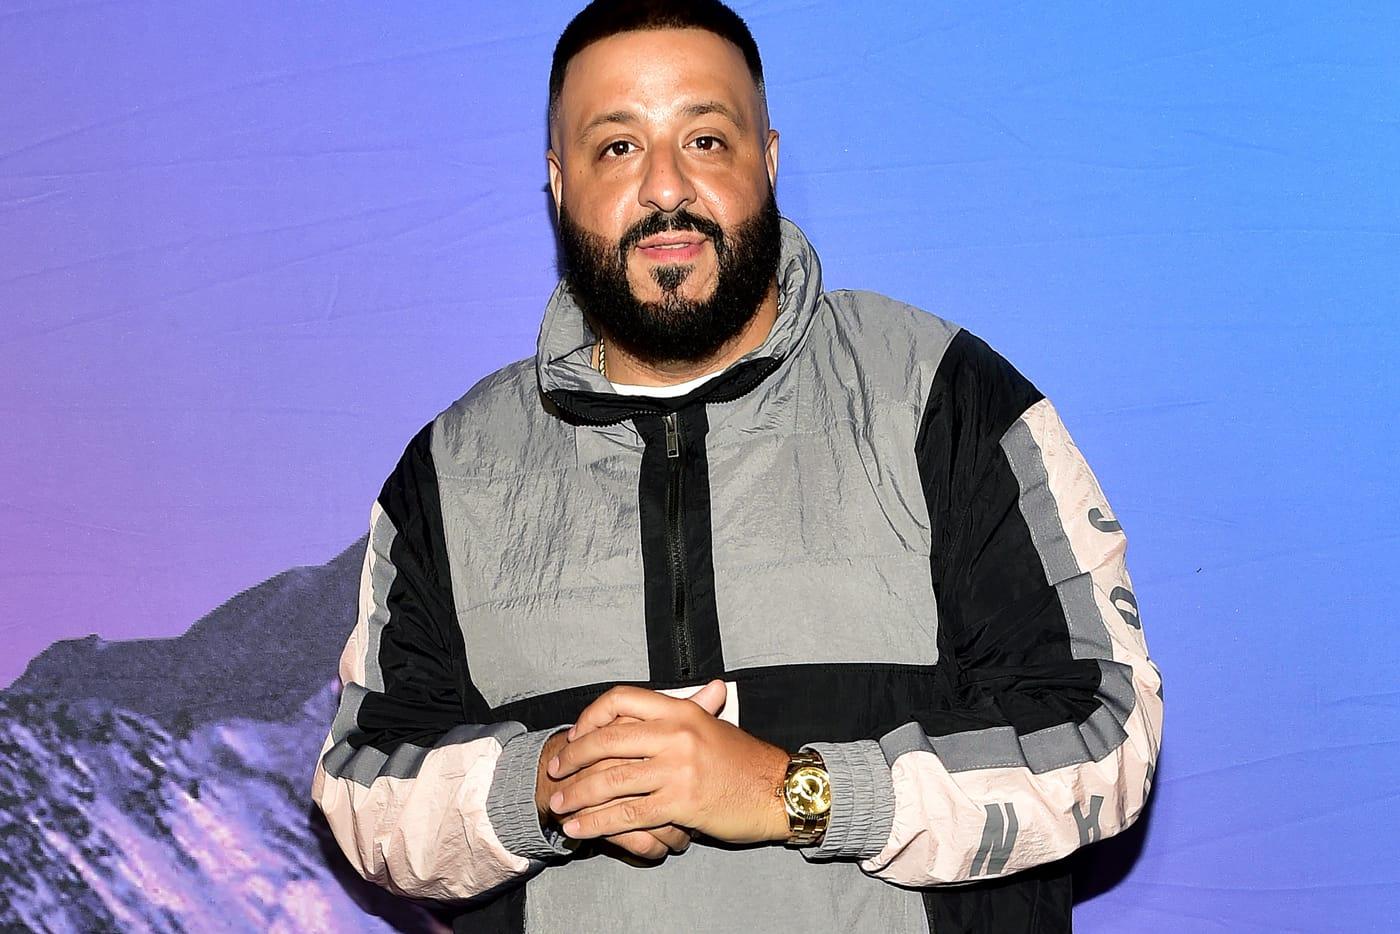 dj khaled yeezy